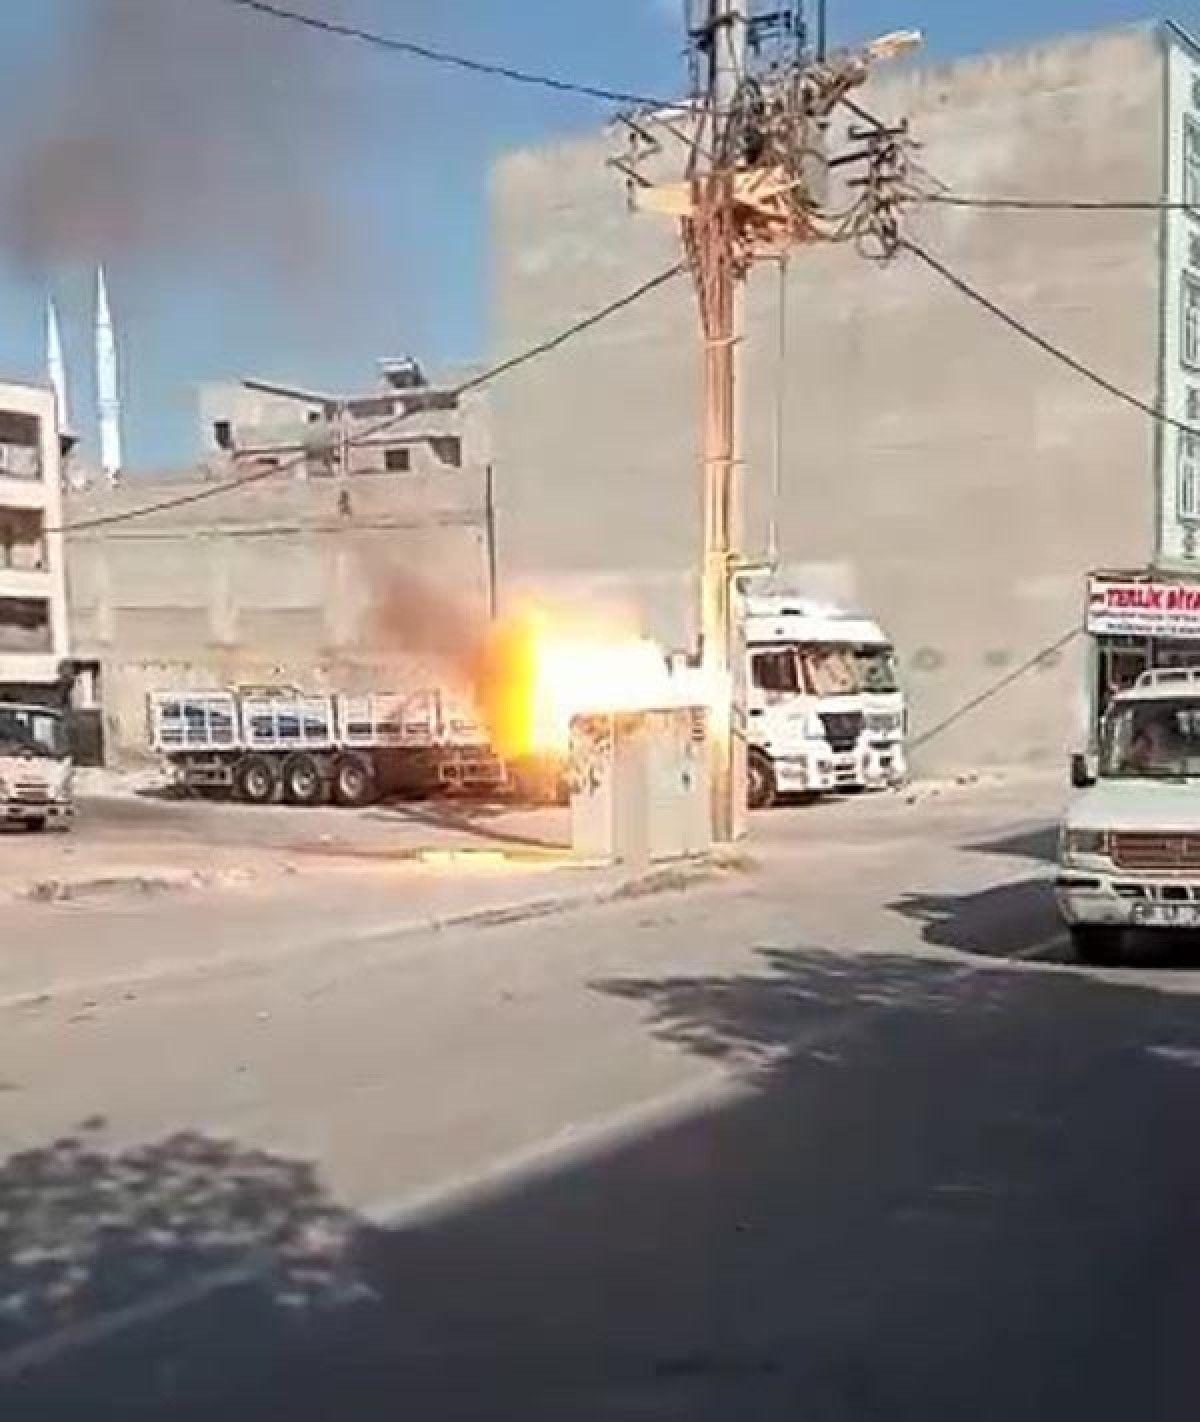 Şanlıurfa da patlayan elektrik trafosu, panik yarattı #2